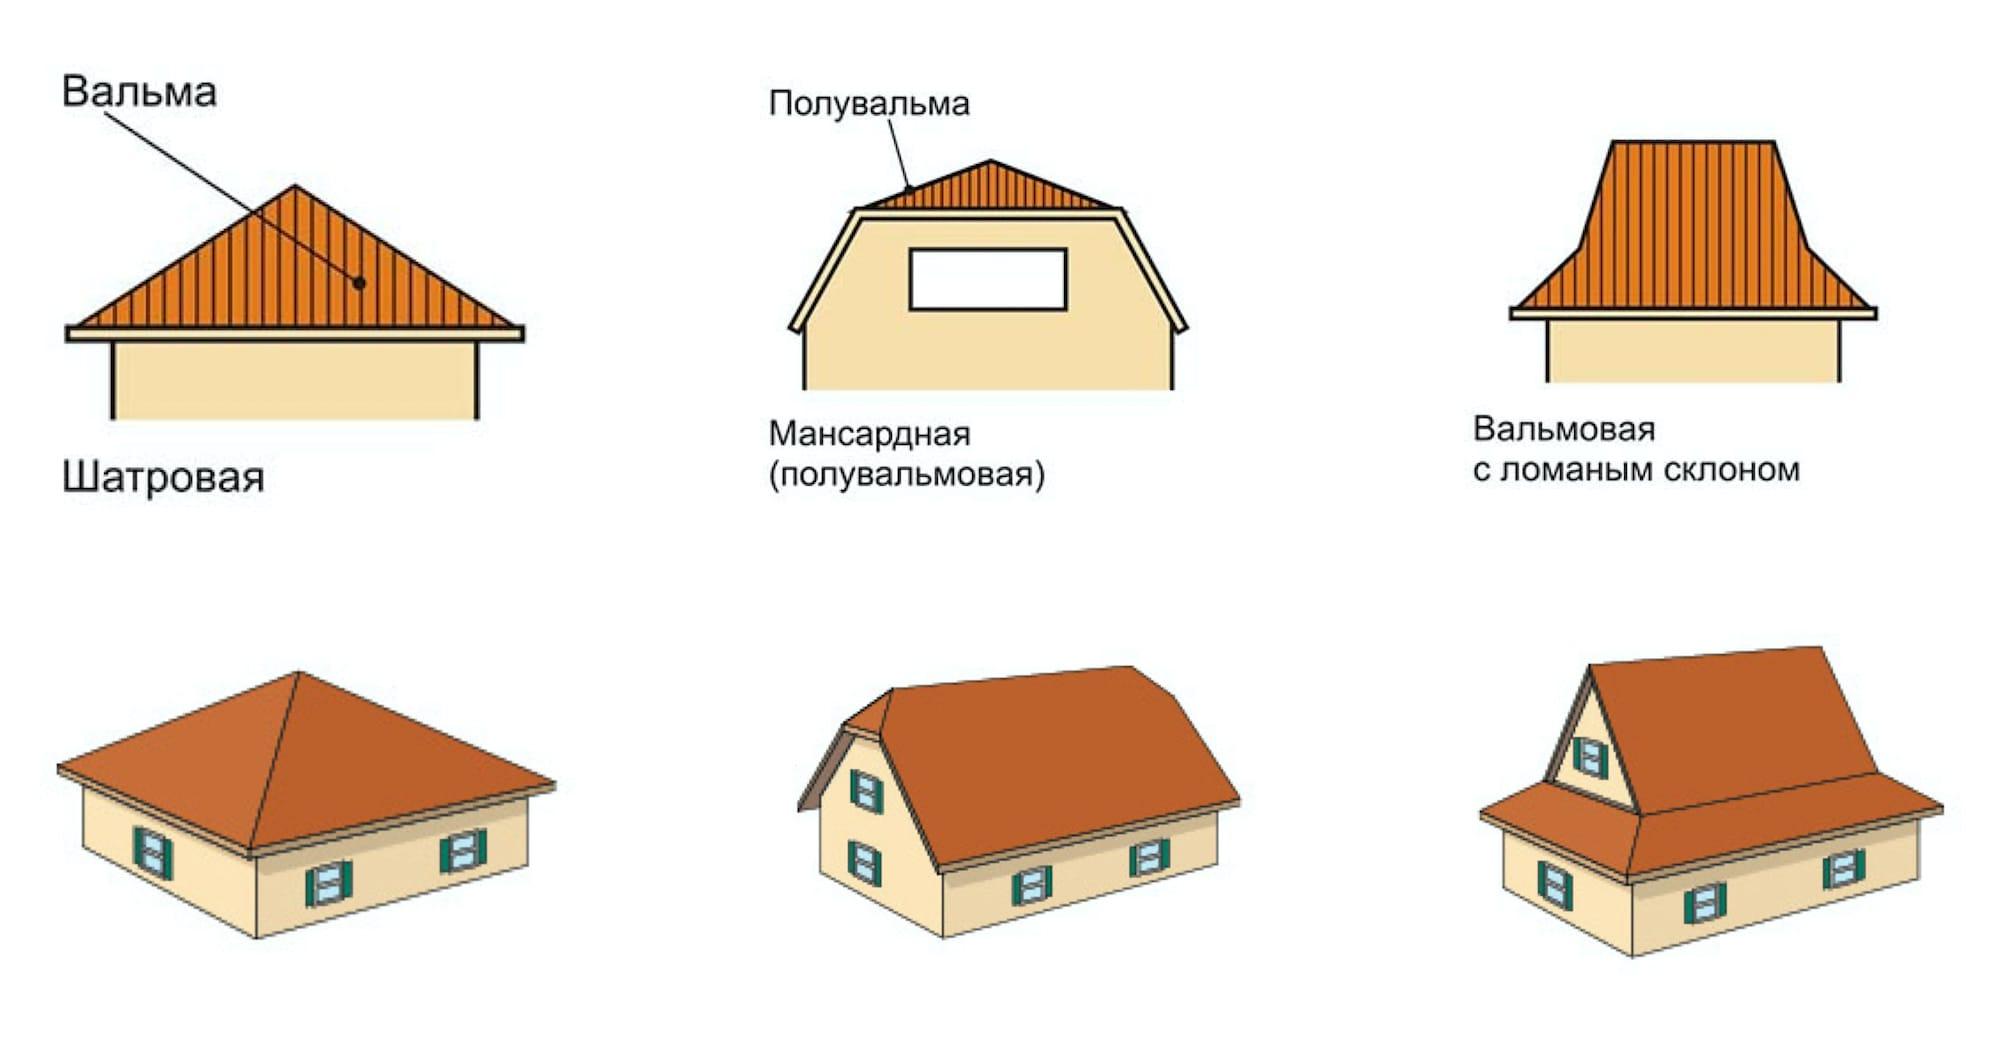 Разновидности вальмовых крыш: шатровая, полу-вальмовая, ломаная